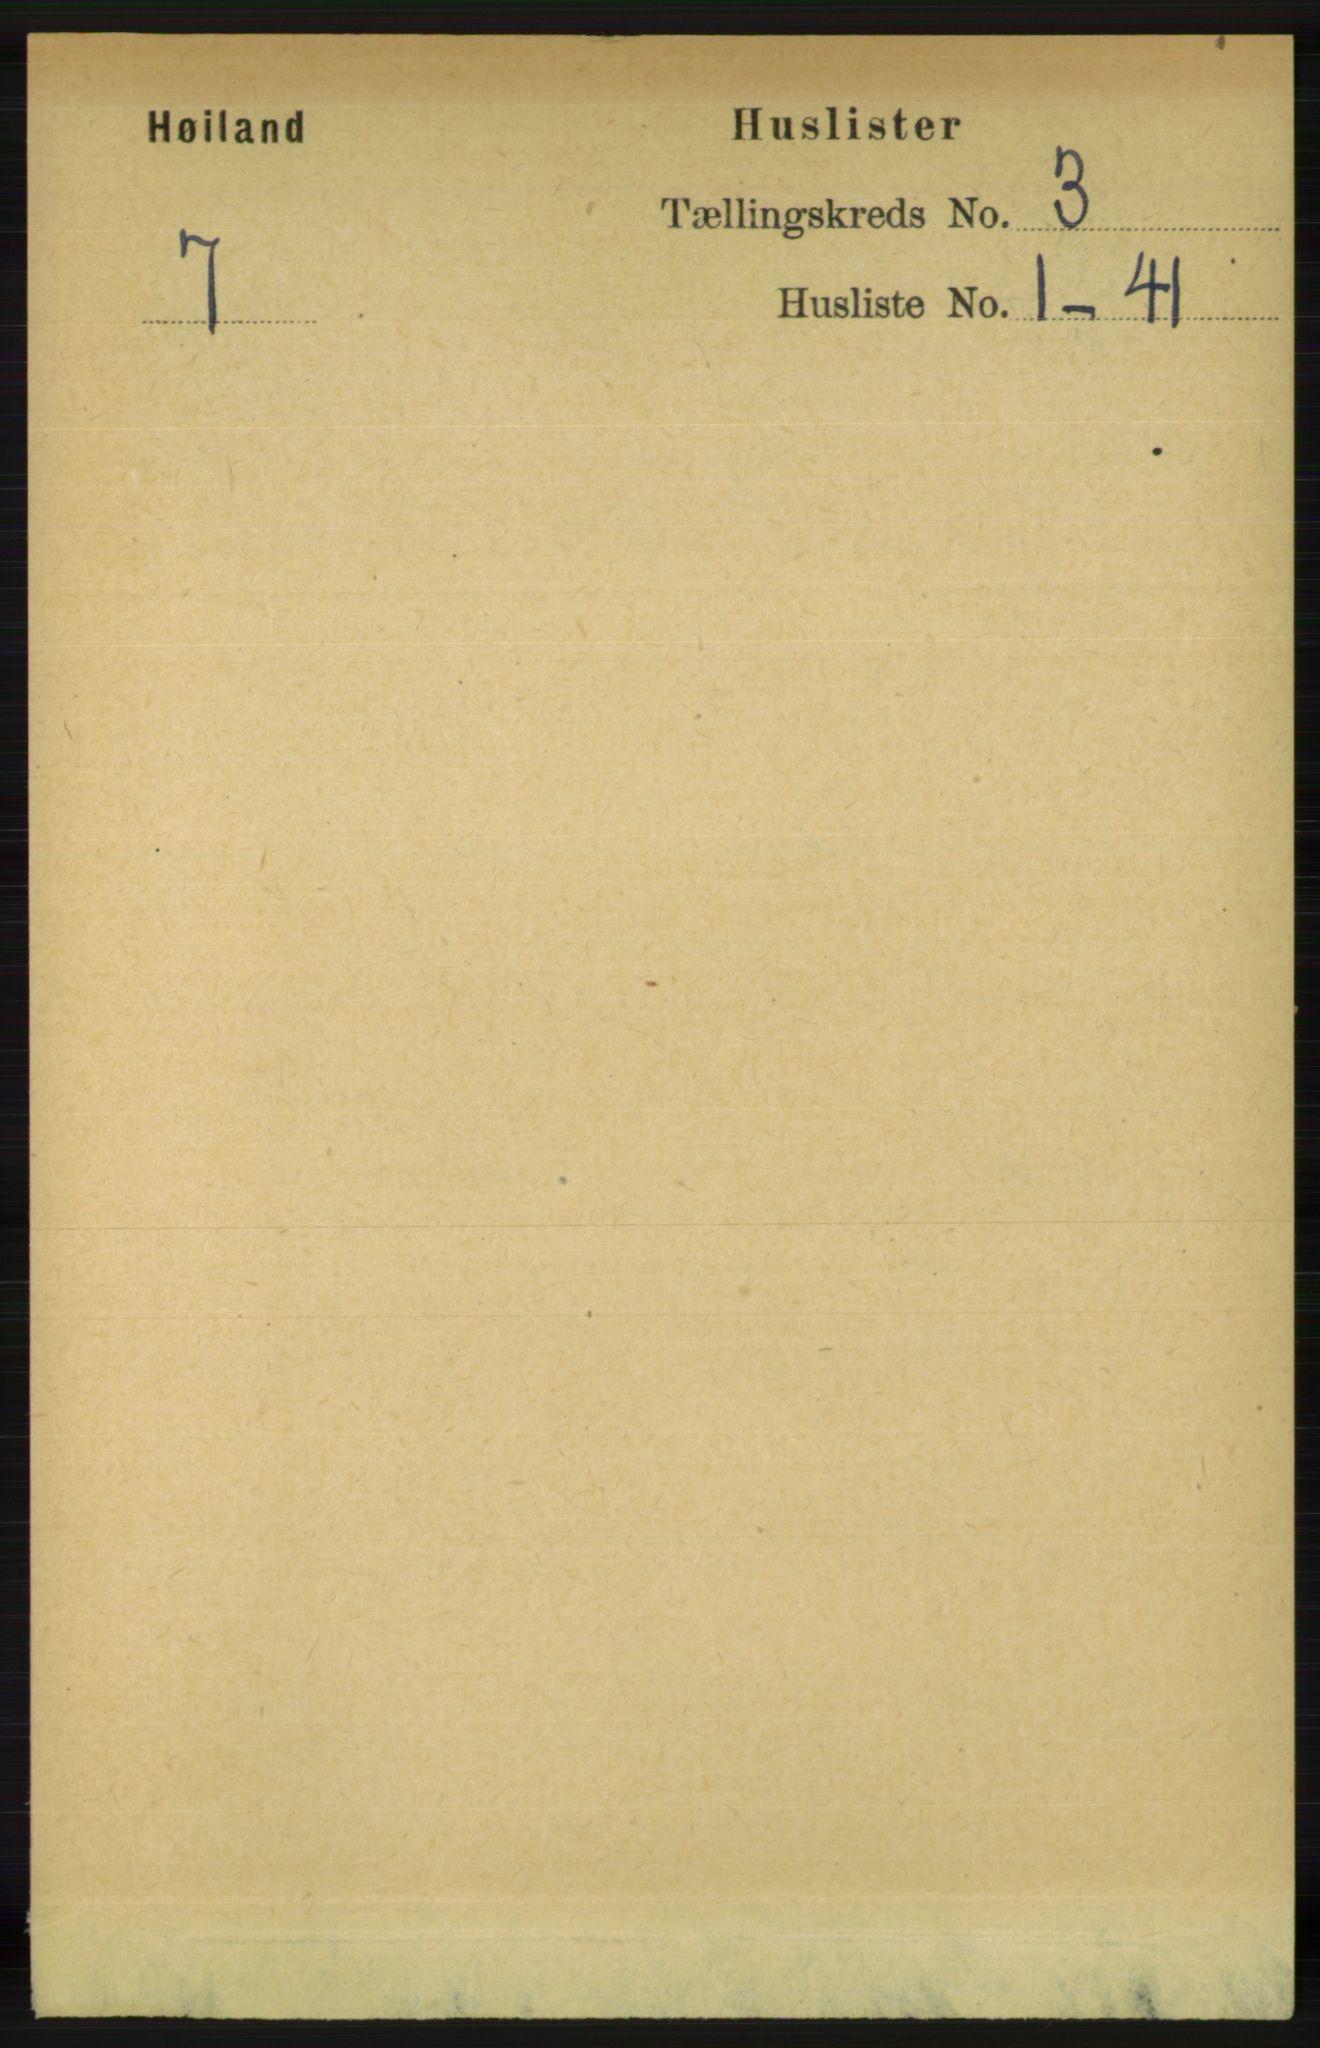 RA, Folketelling 1891 for 1123 Høyland herred, 1891, s. 624